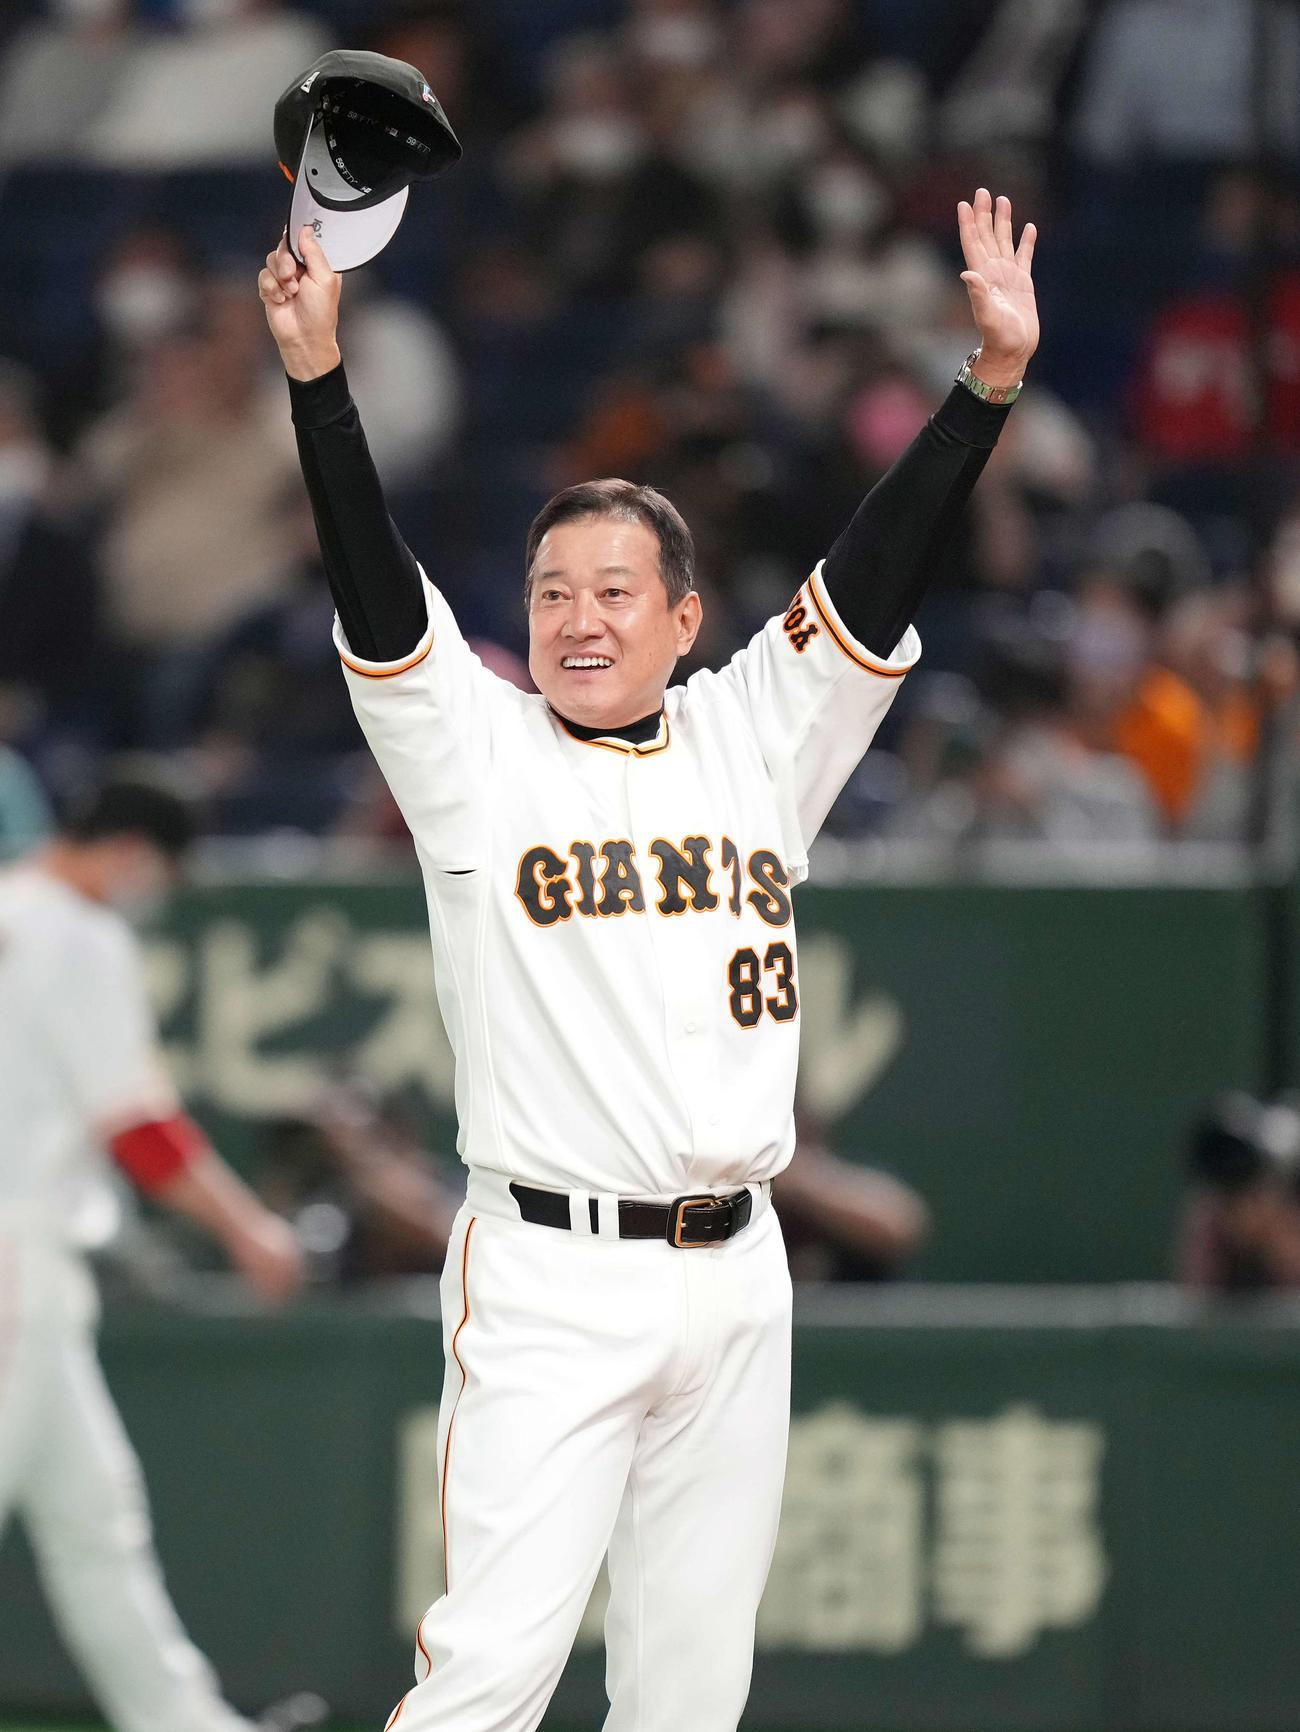 巨人対広島 広島に勝利し、ファンの声援に応える巨人原監督(撮影・鈴木みどり)